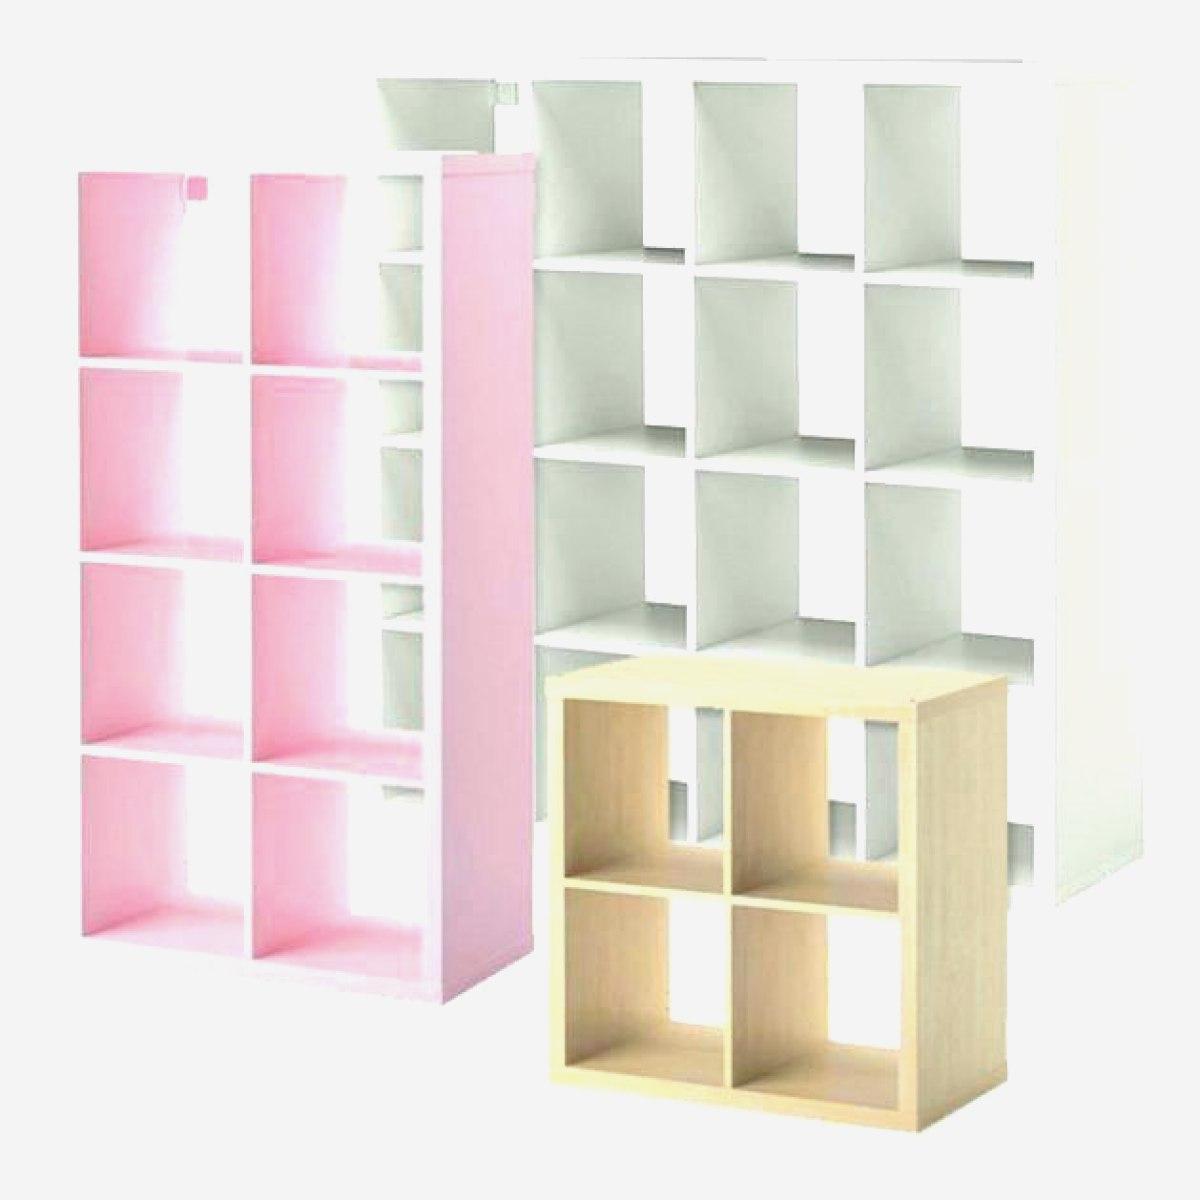 Ikea Angers 49000 Adresse Élégant Galerie Etagere Livre Ikea Beau Etagere Livre Enfant Etagere Rangement